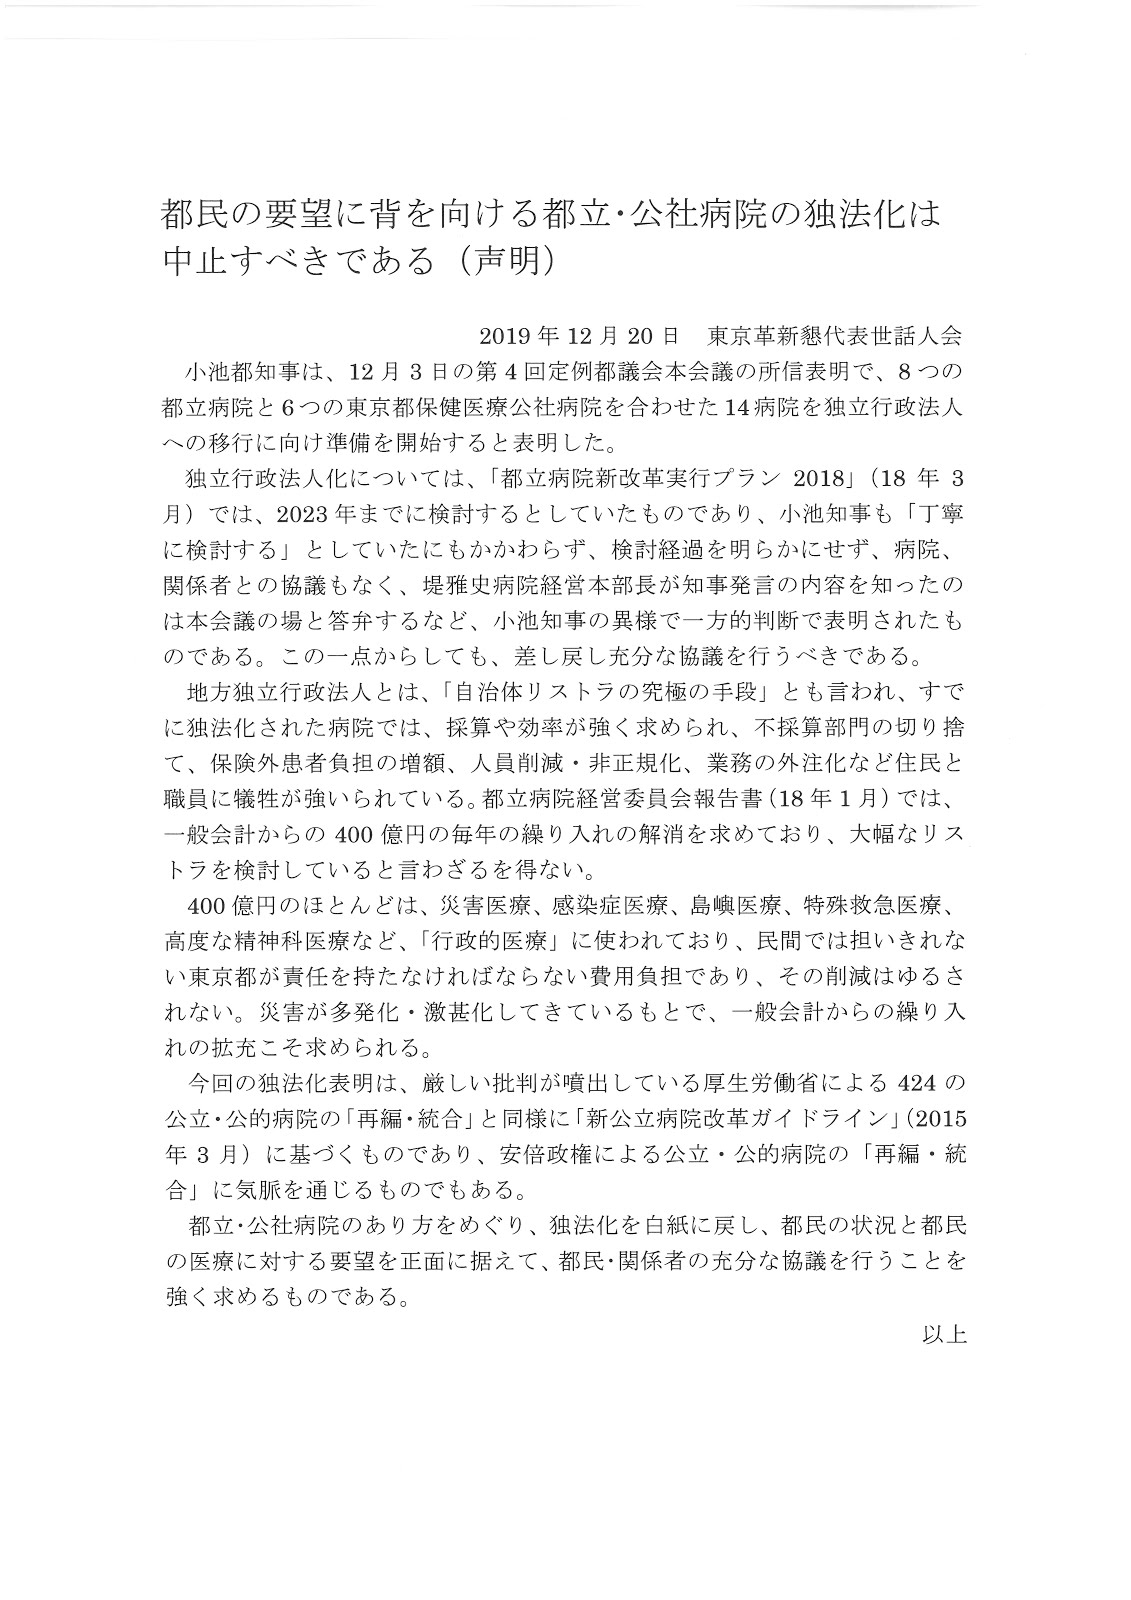 「都民の要望に背を向ける都立・公社病院の独法化は中止すべきである」東京革新懇が声明 2019年12月20日